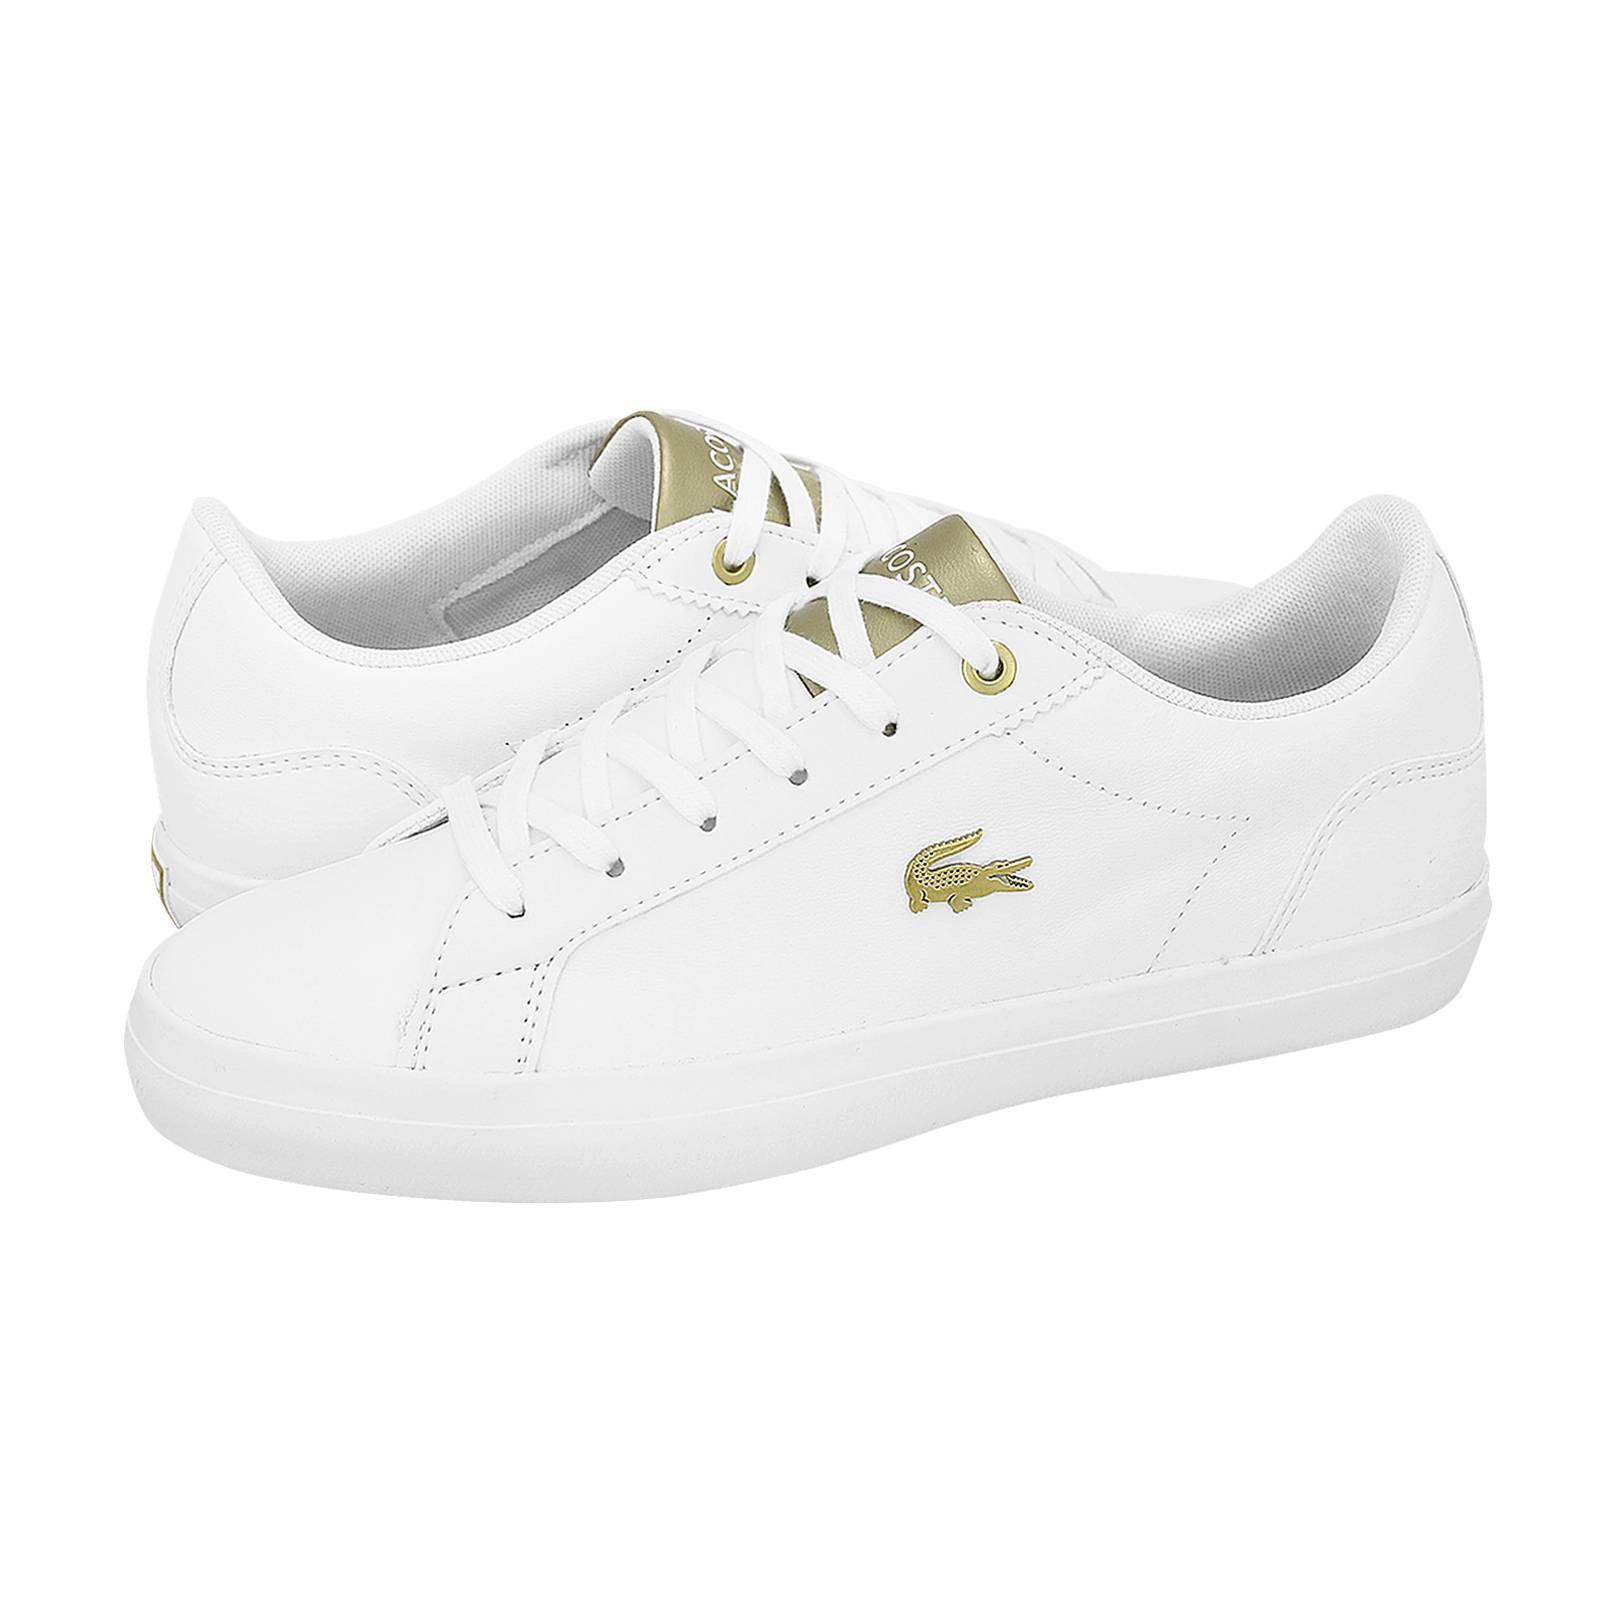 f5d0544697f Παπούτσια casual Lacoste Lerond 119 1